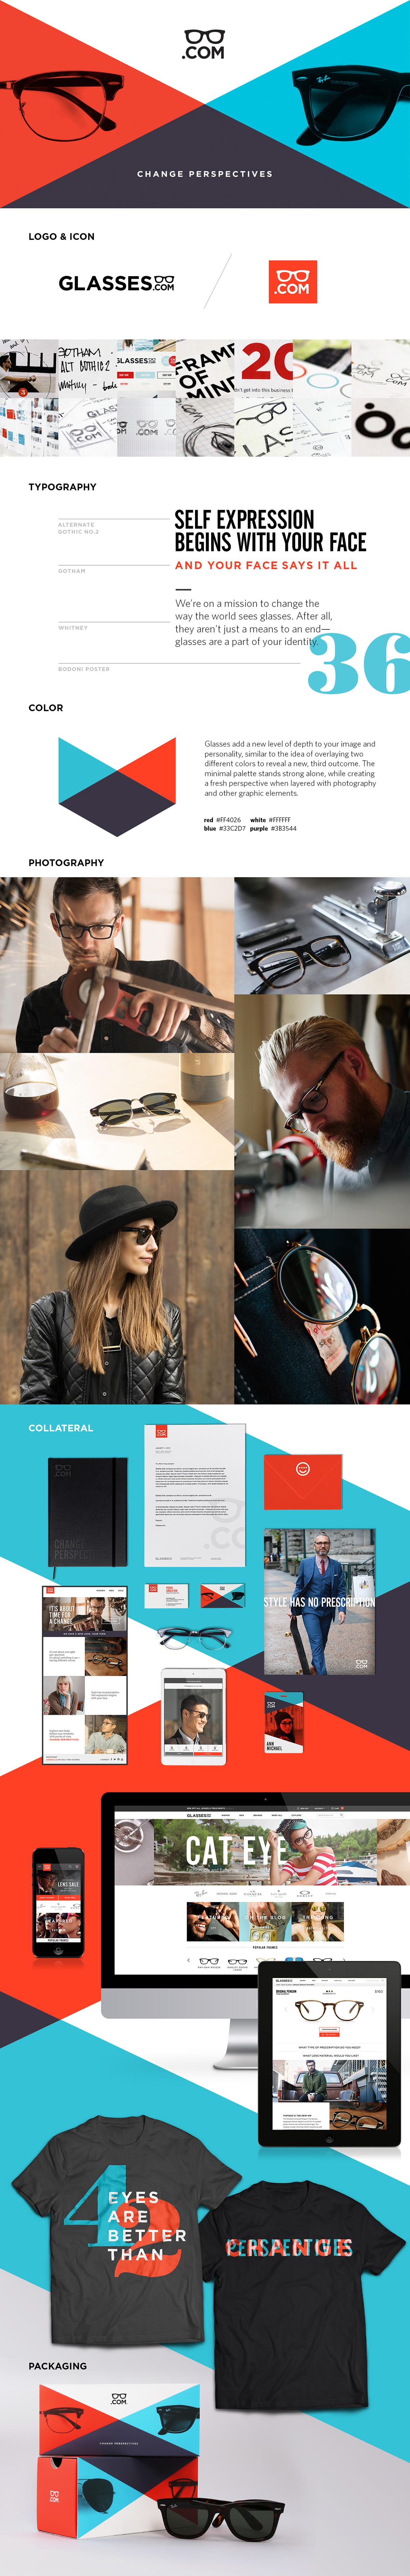 Glasses.com,glasses,brand,Rebrand,identity,logo